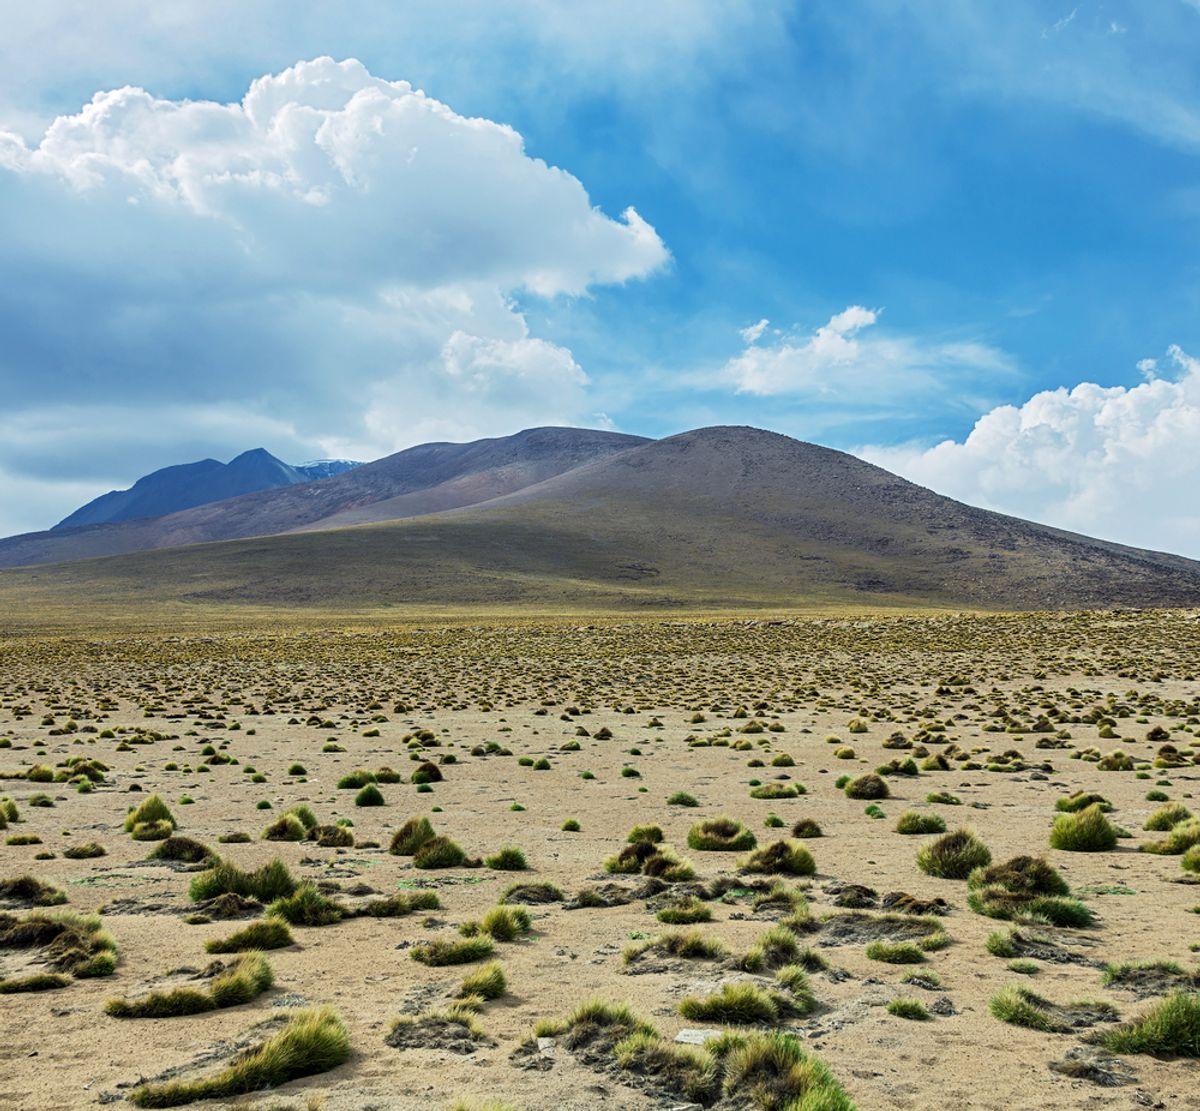 (<a href='url to photographer'>Vadim Petrakov</a> via <a href='http://www.shutterstock.com/'>Shutterstock</a>)